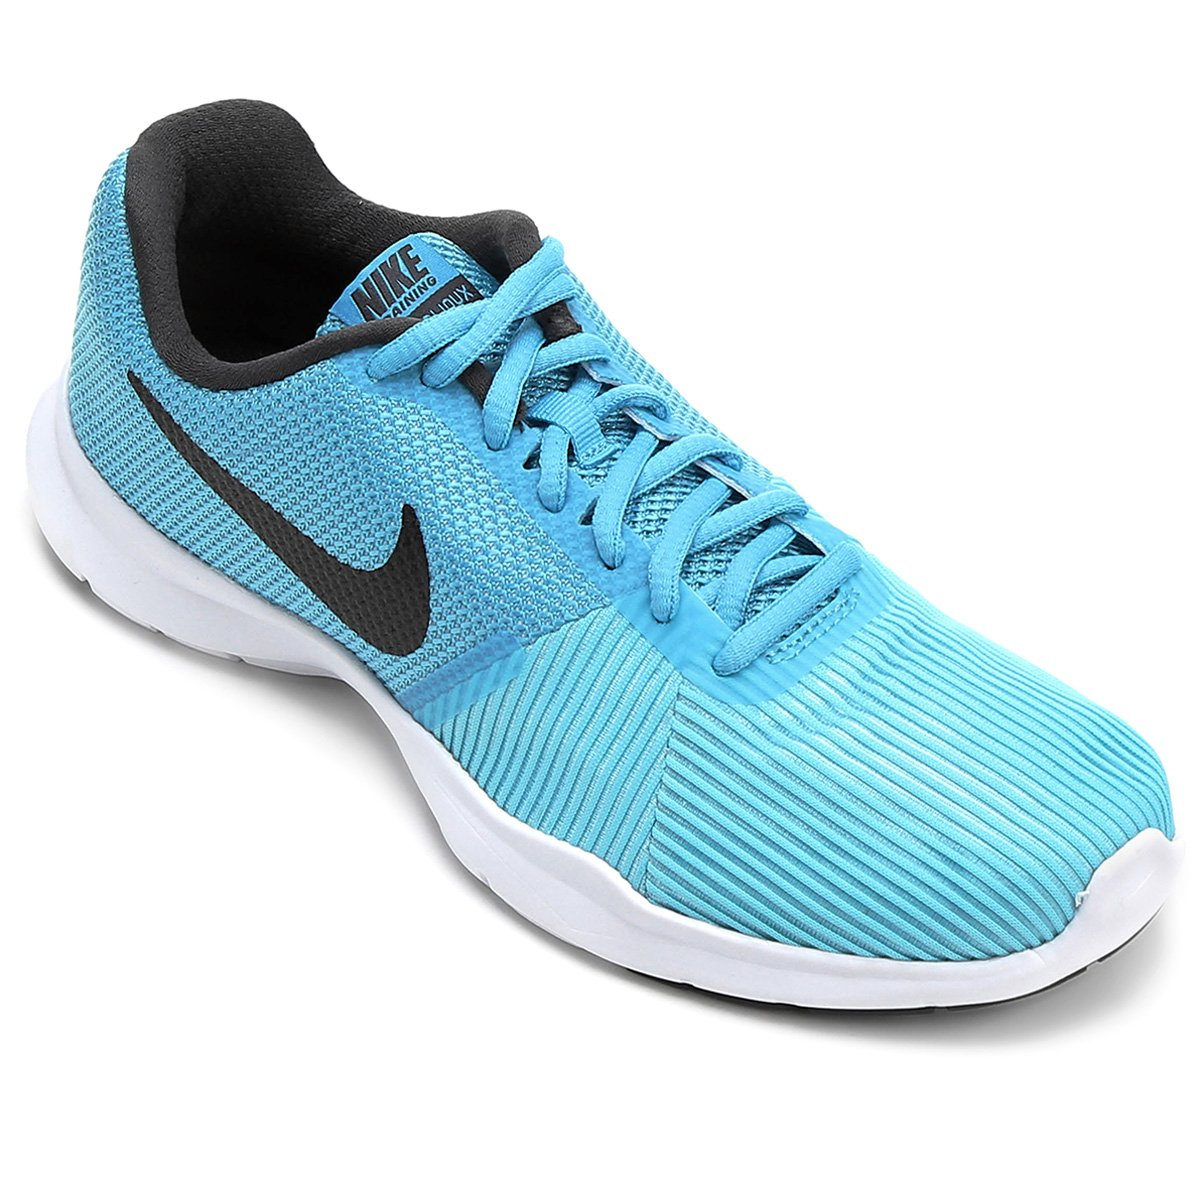 Tênis Nike Flex Bijoux Feminino - Azul e Preto - Compre Agora  83af6555e8ec8